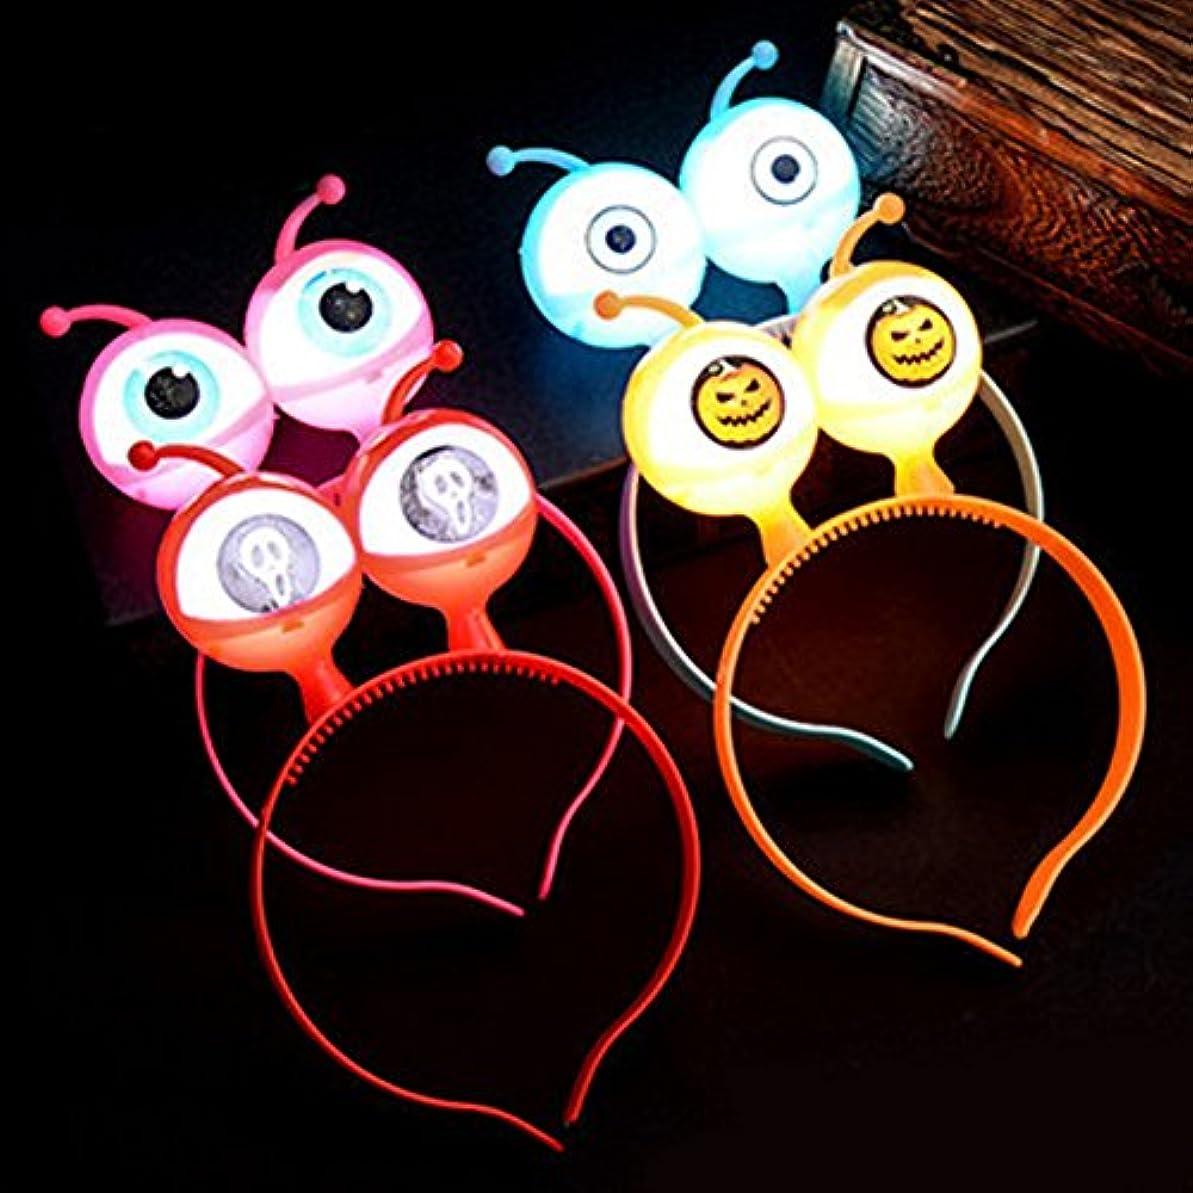 磁気原油快いLiebeye ライトアップカチューシャ 光るヘアバンド クリスマス 子供のヘアフープ ハロウィーンのギフト 漫画 キッズ 15#